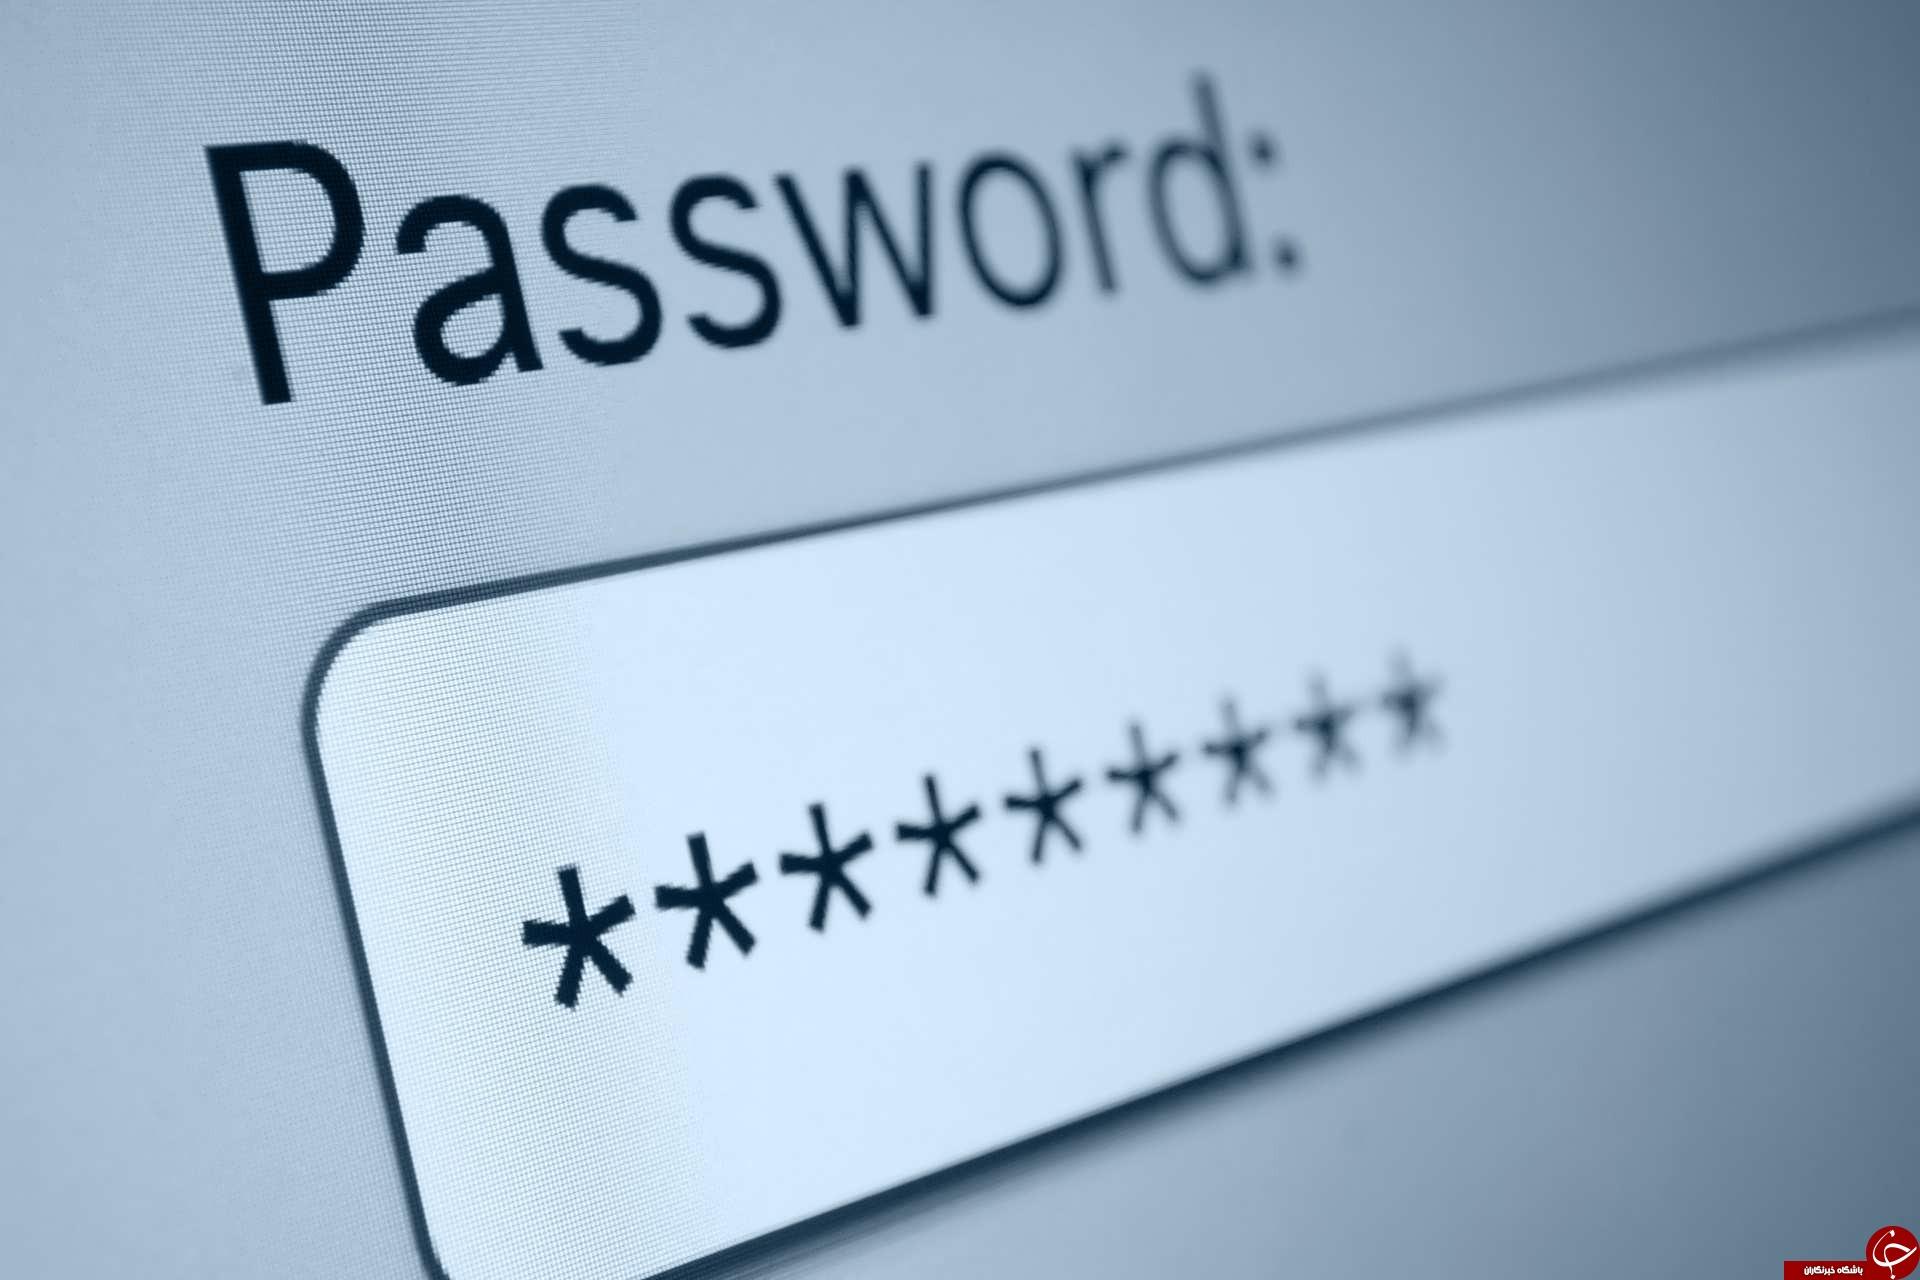 رمز عبور های مدیریت شده و غیرقایل هک